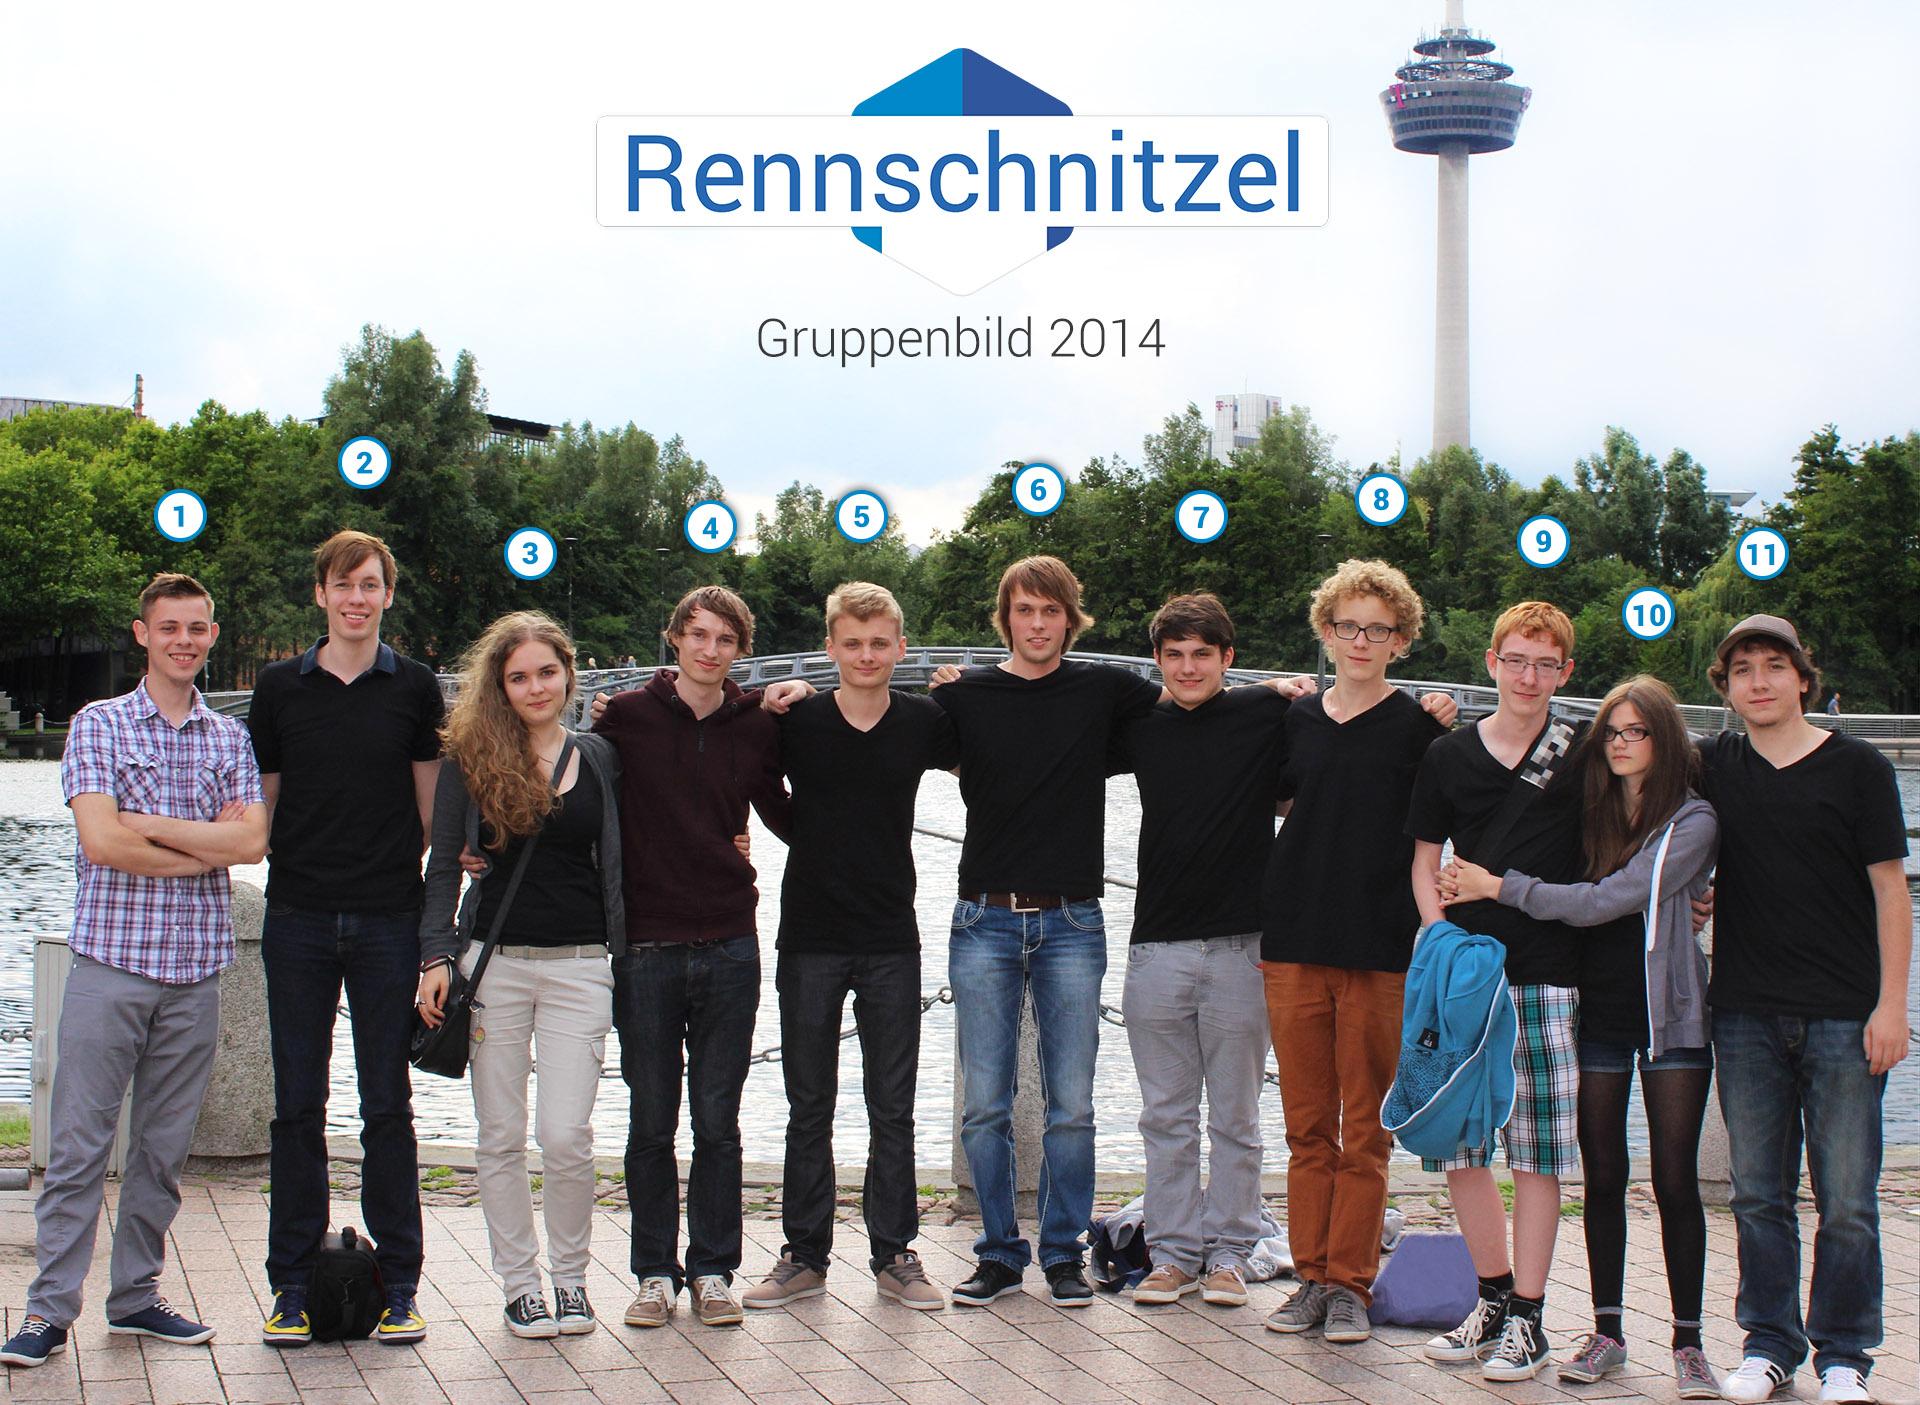 Gruppenbild2014.jpg